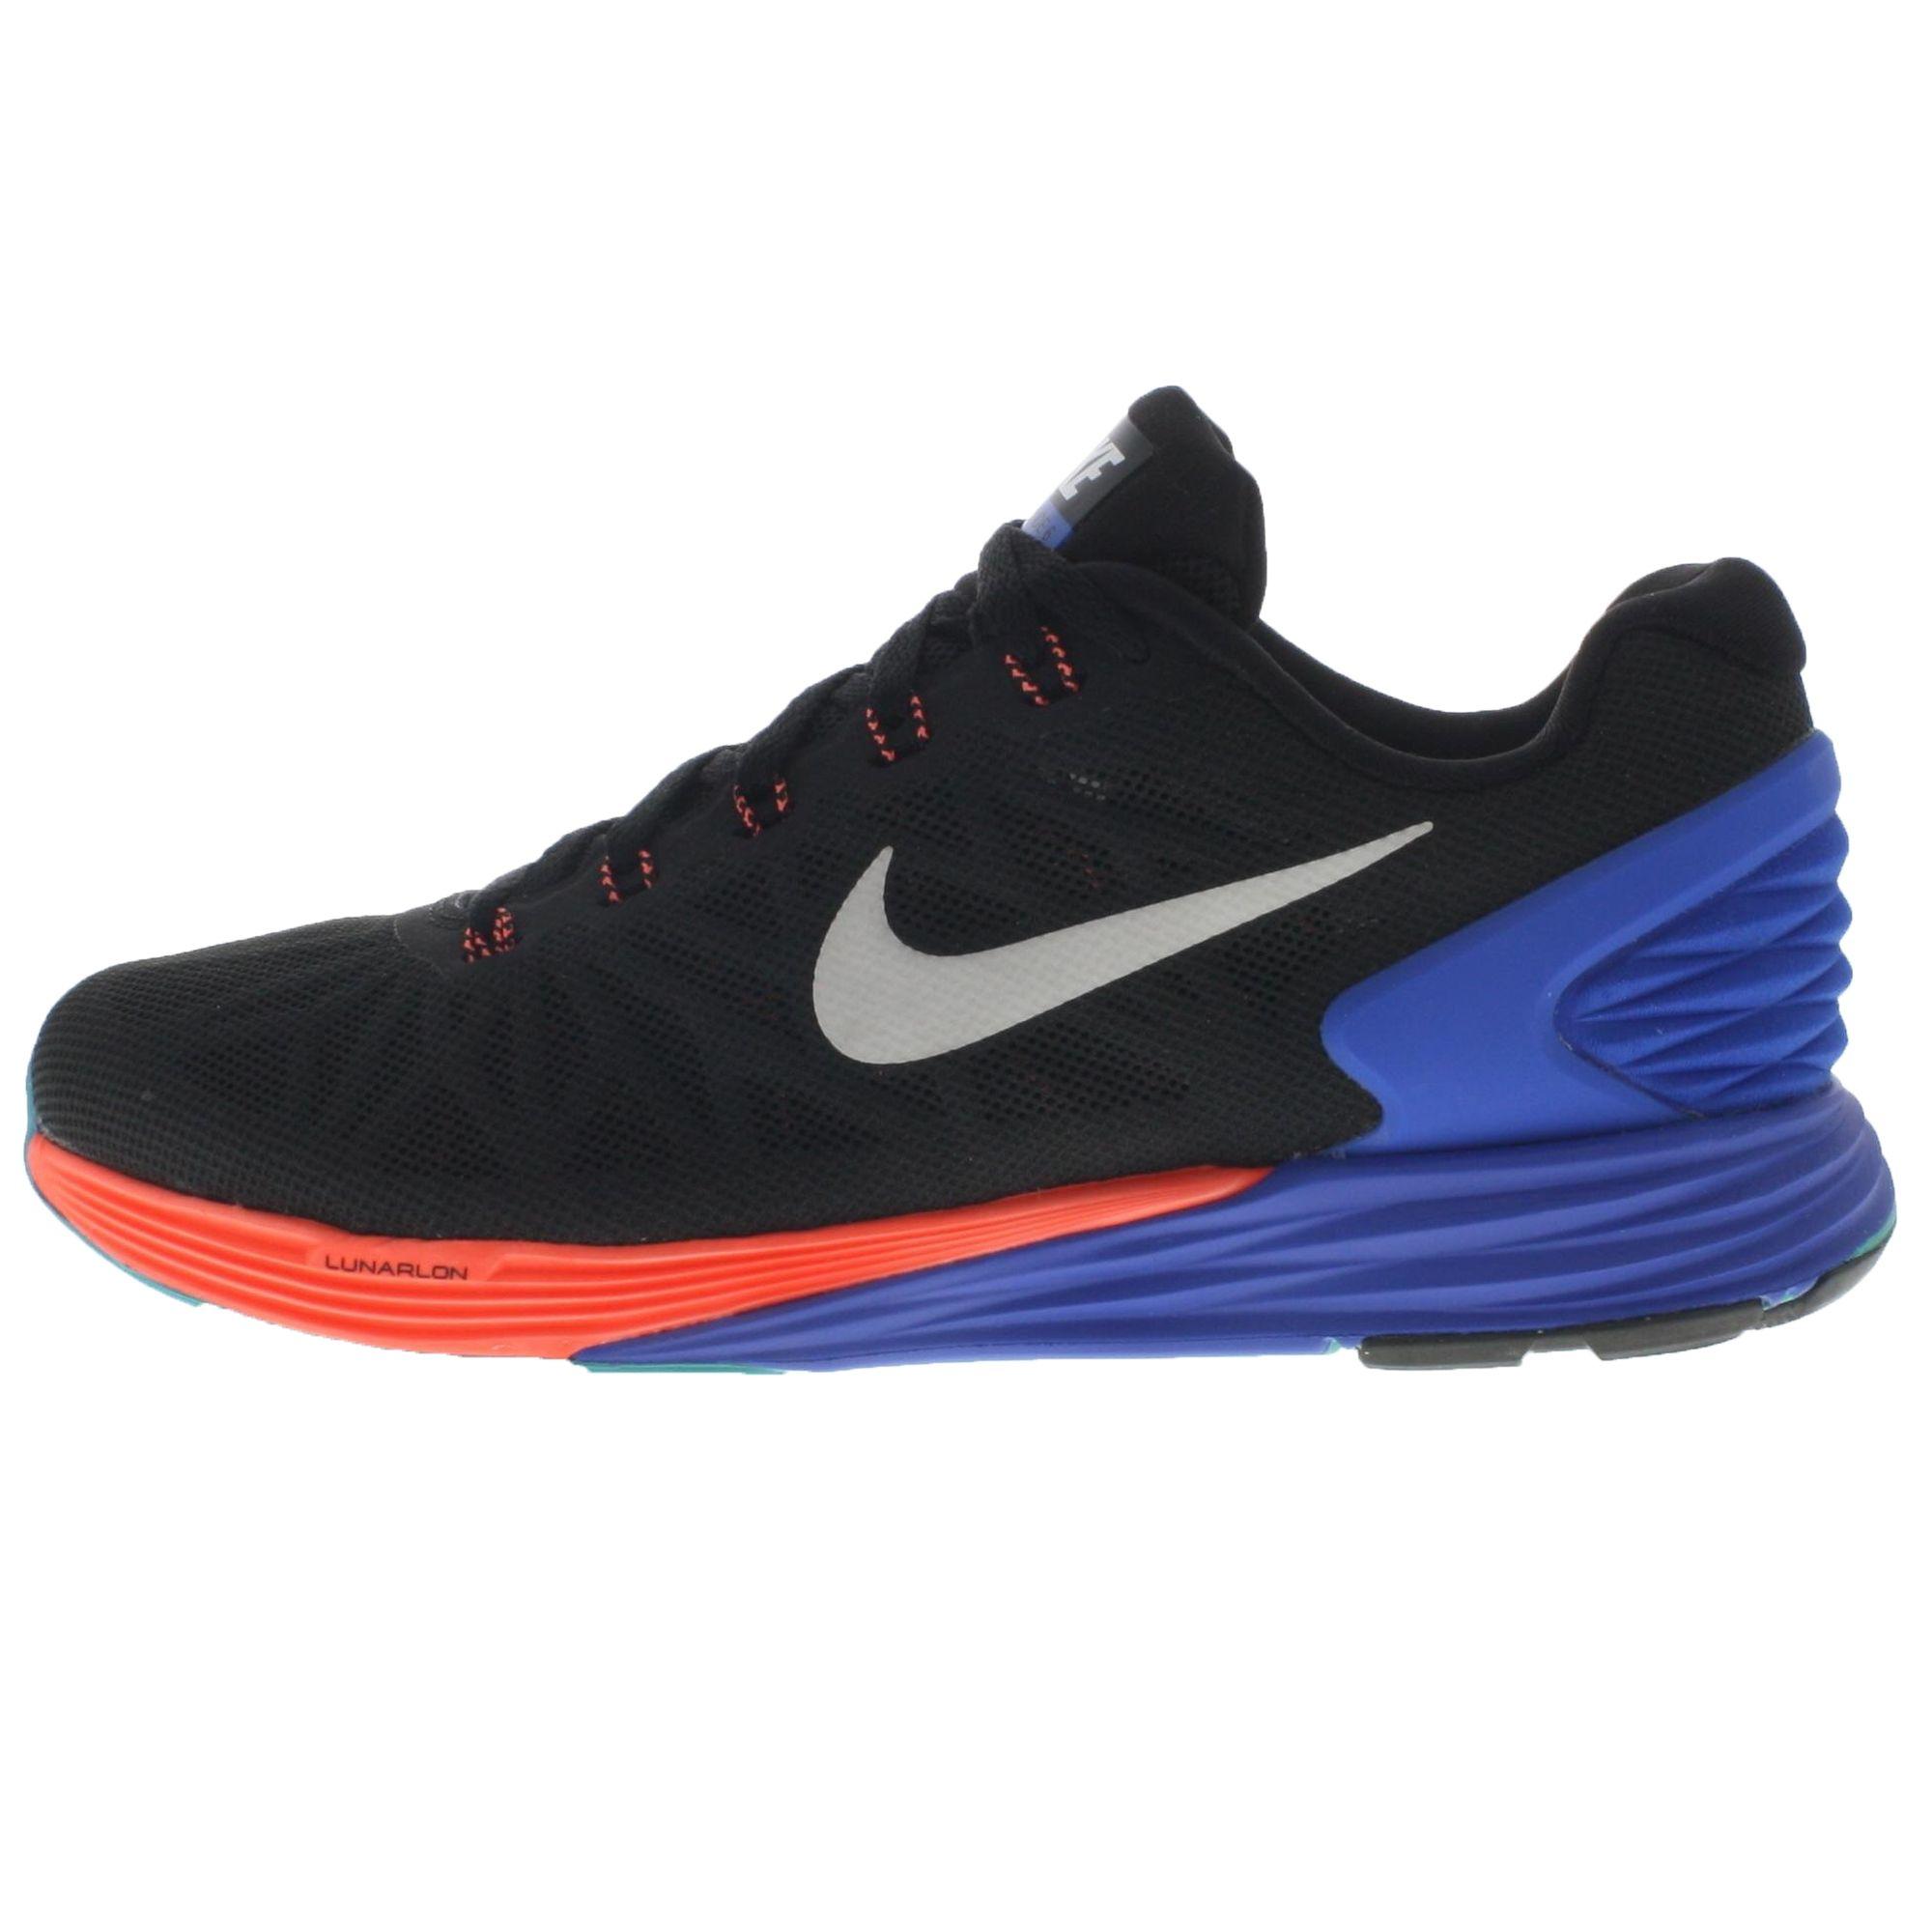 Nike Lunarglide 6 Spor Ayakkabi Nike Ayakkabilar Spor